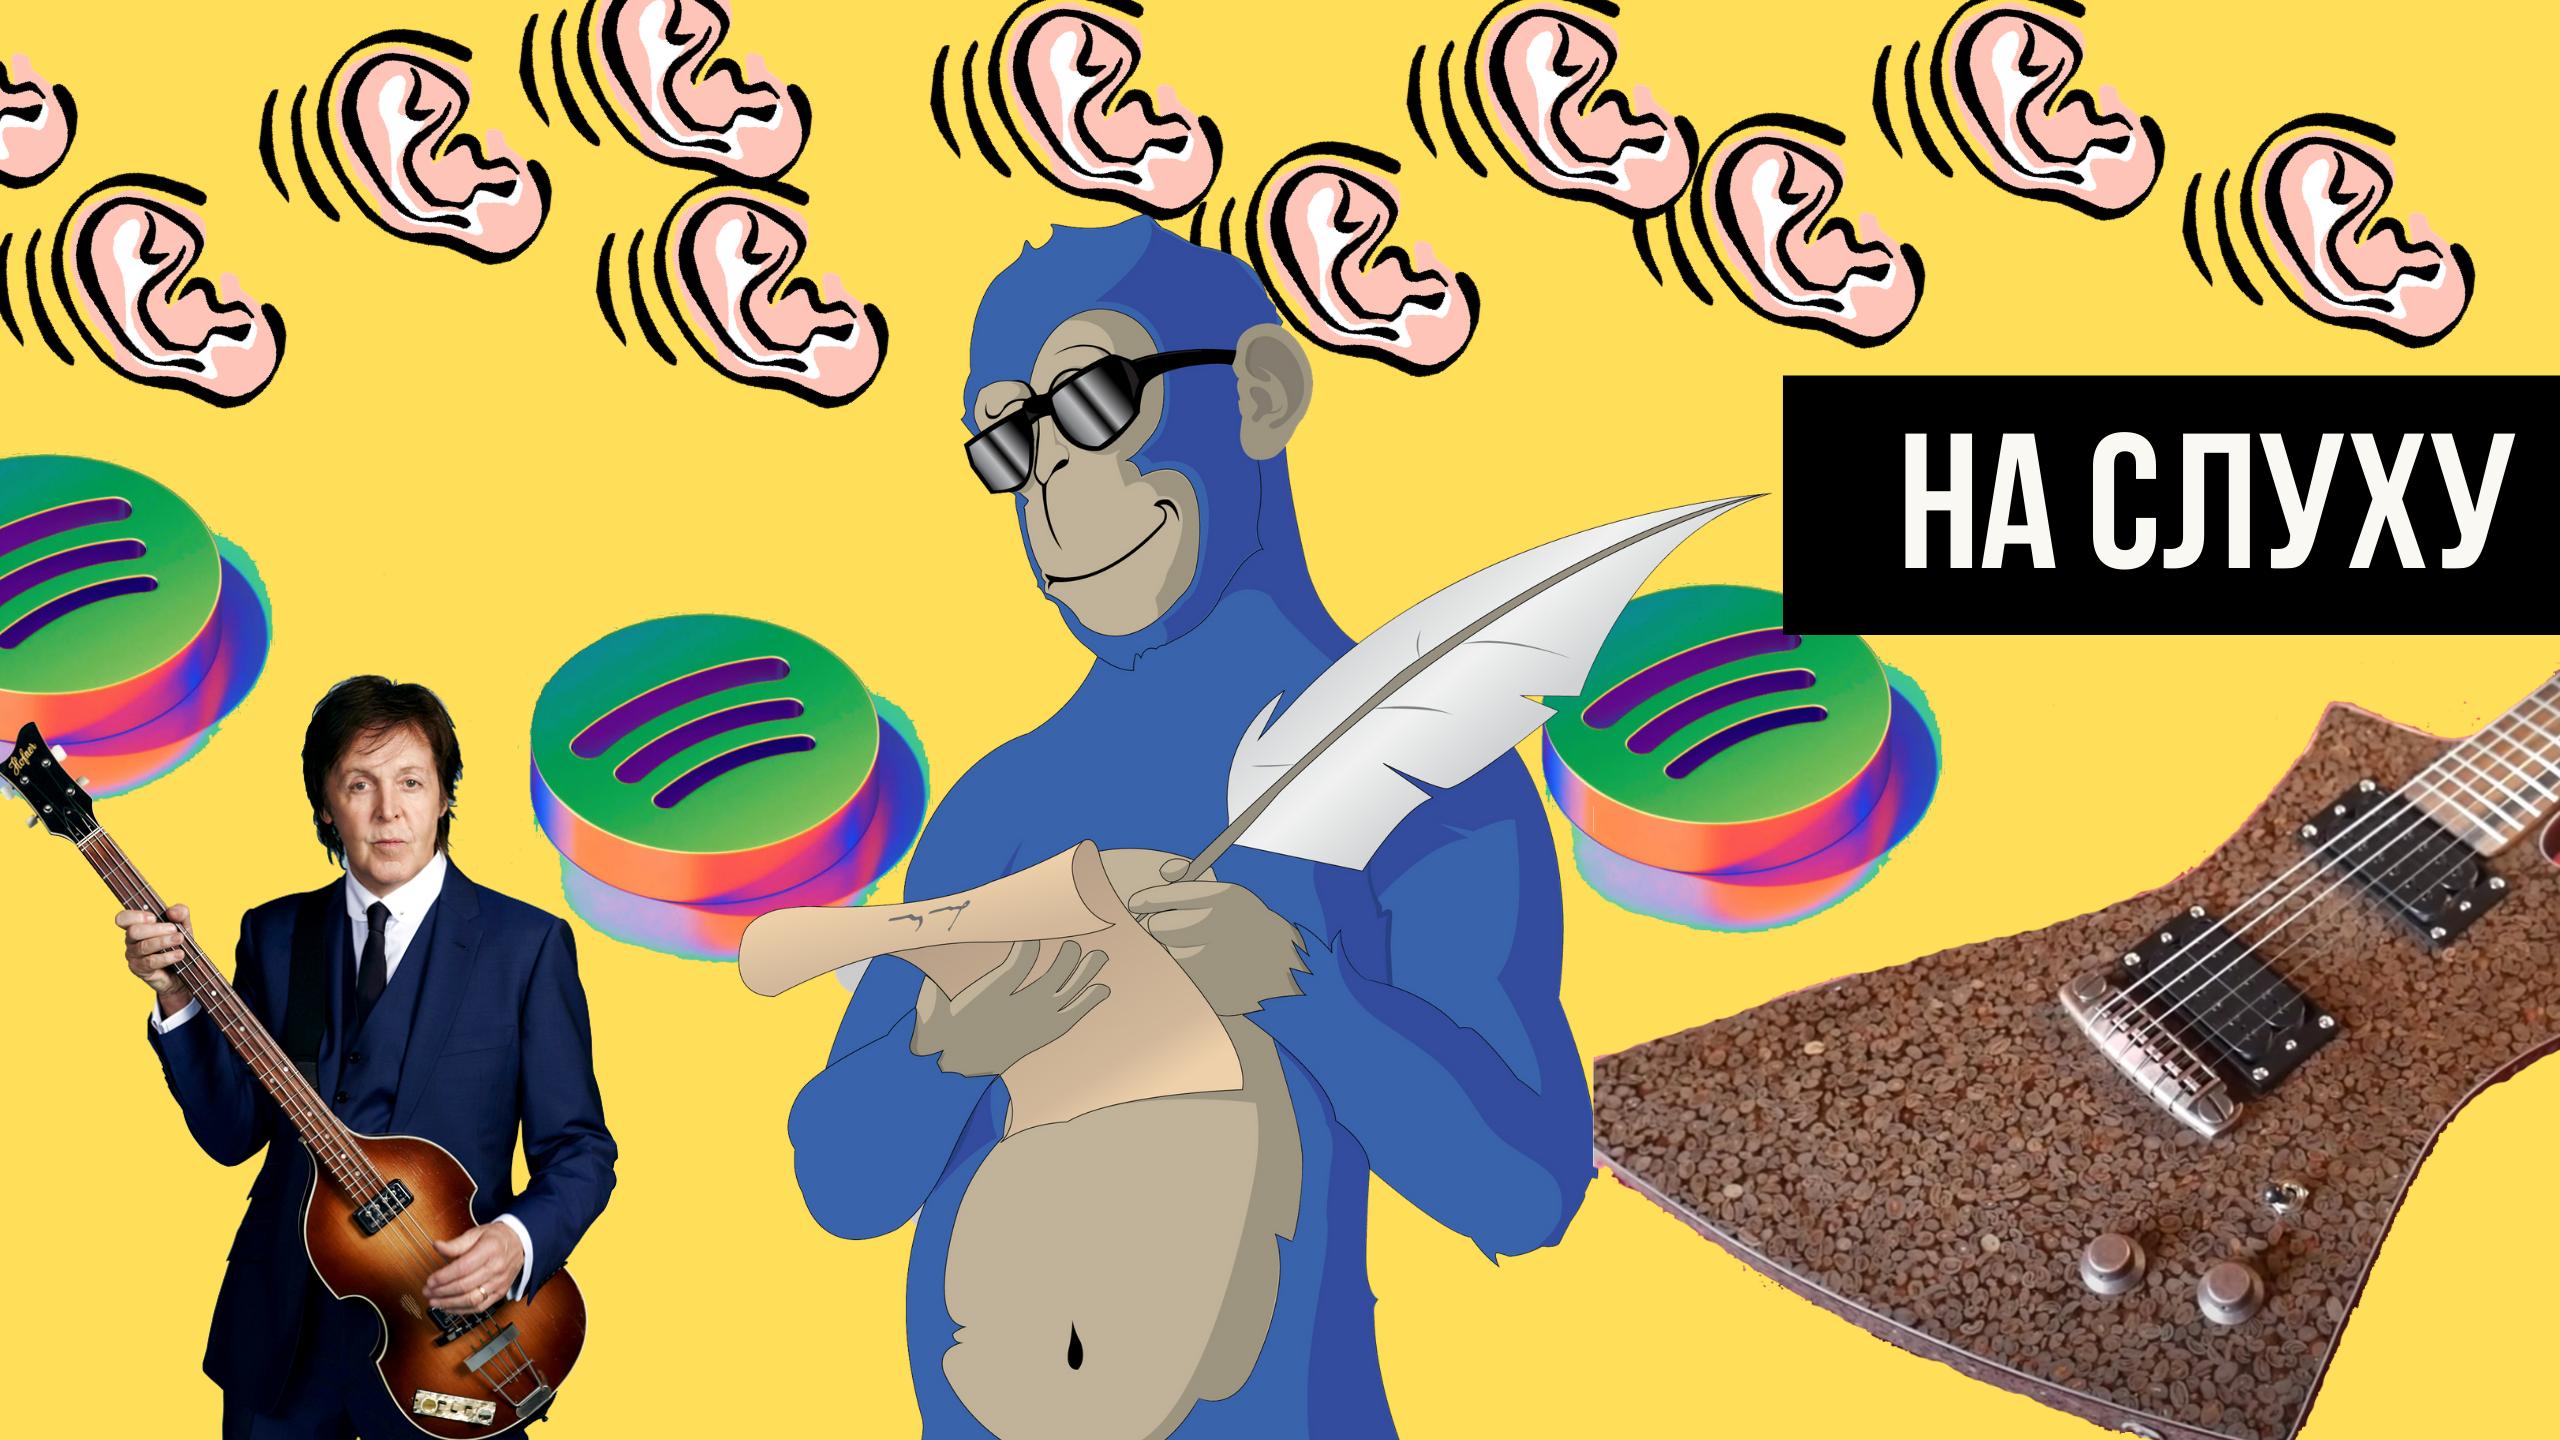 Дайджест недели: Judge your Spotify, гитара из кофе и сериал с Полом Маккартни